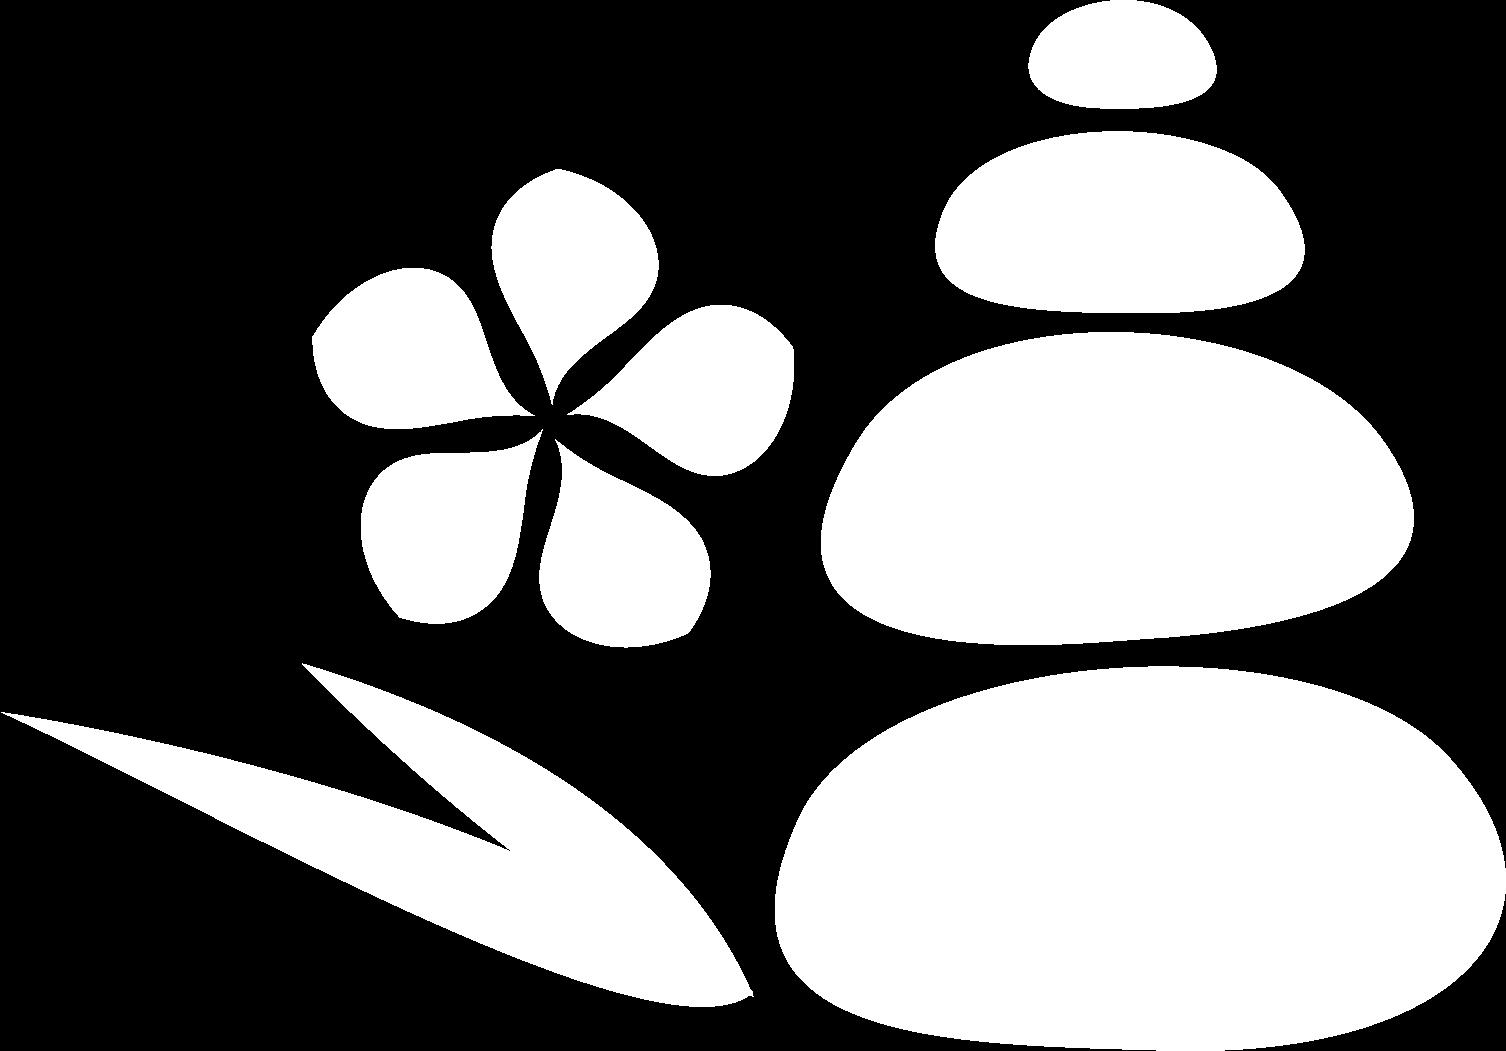 flower image - Über Uwe